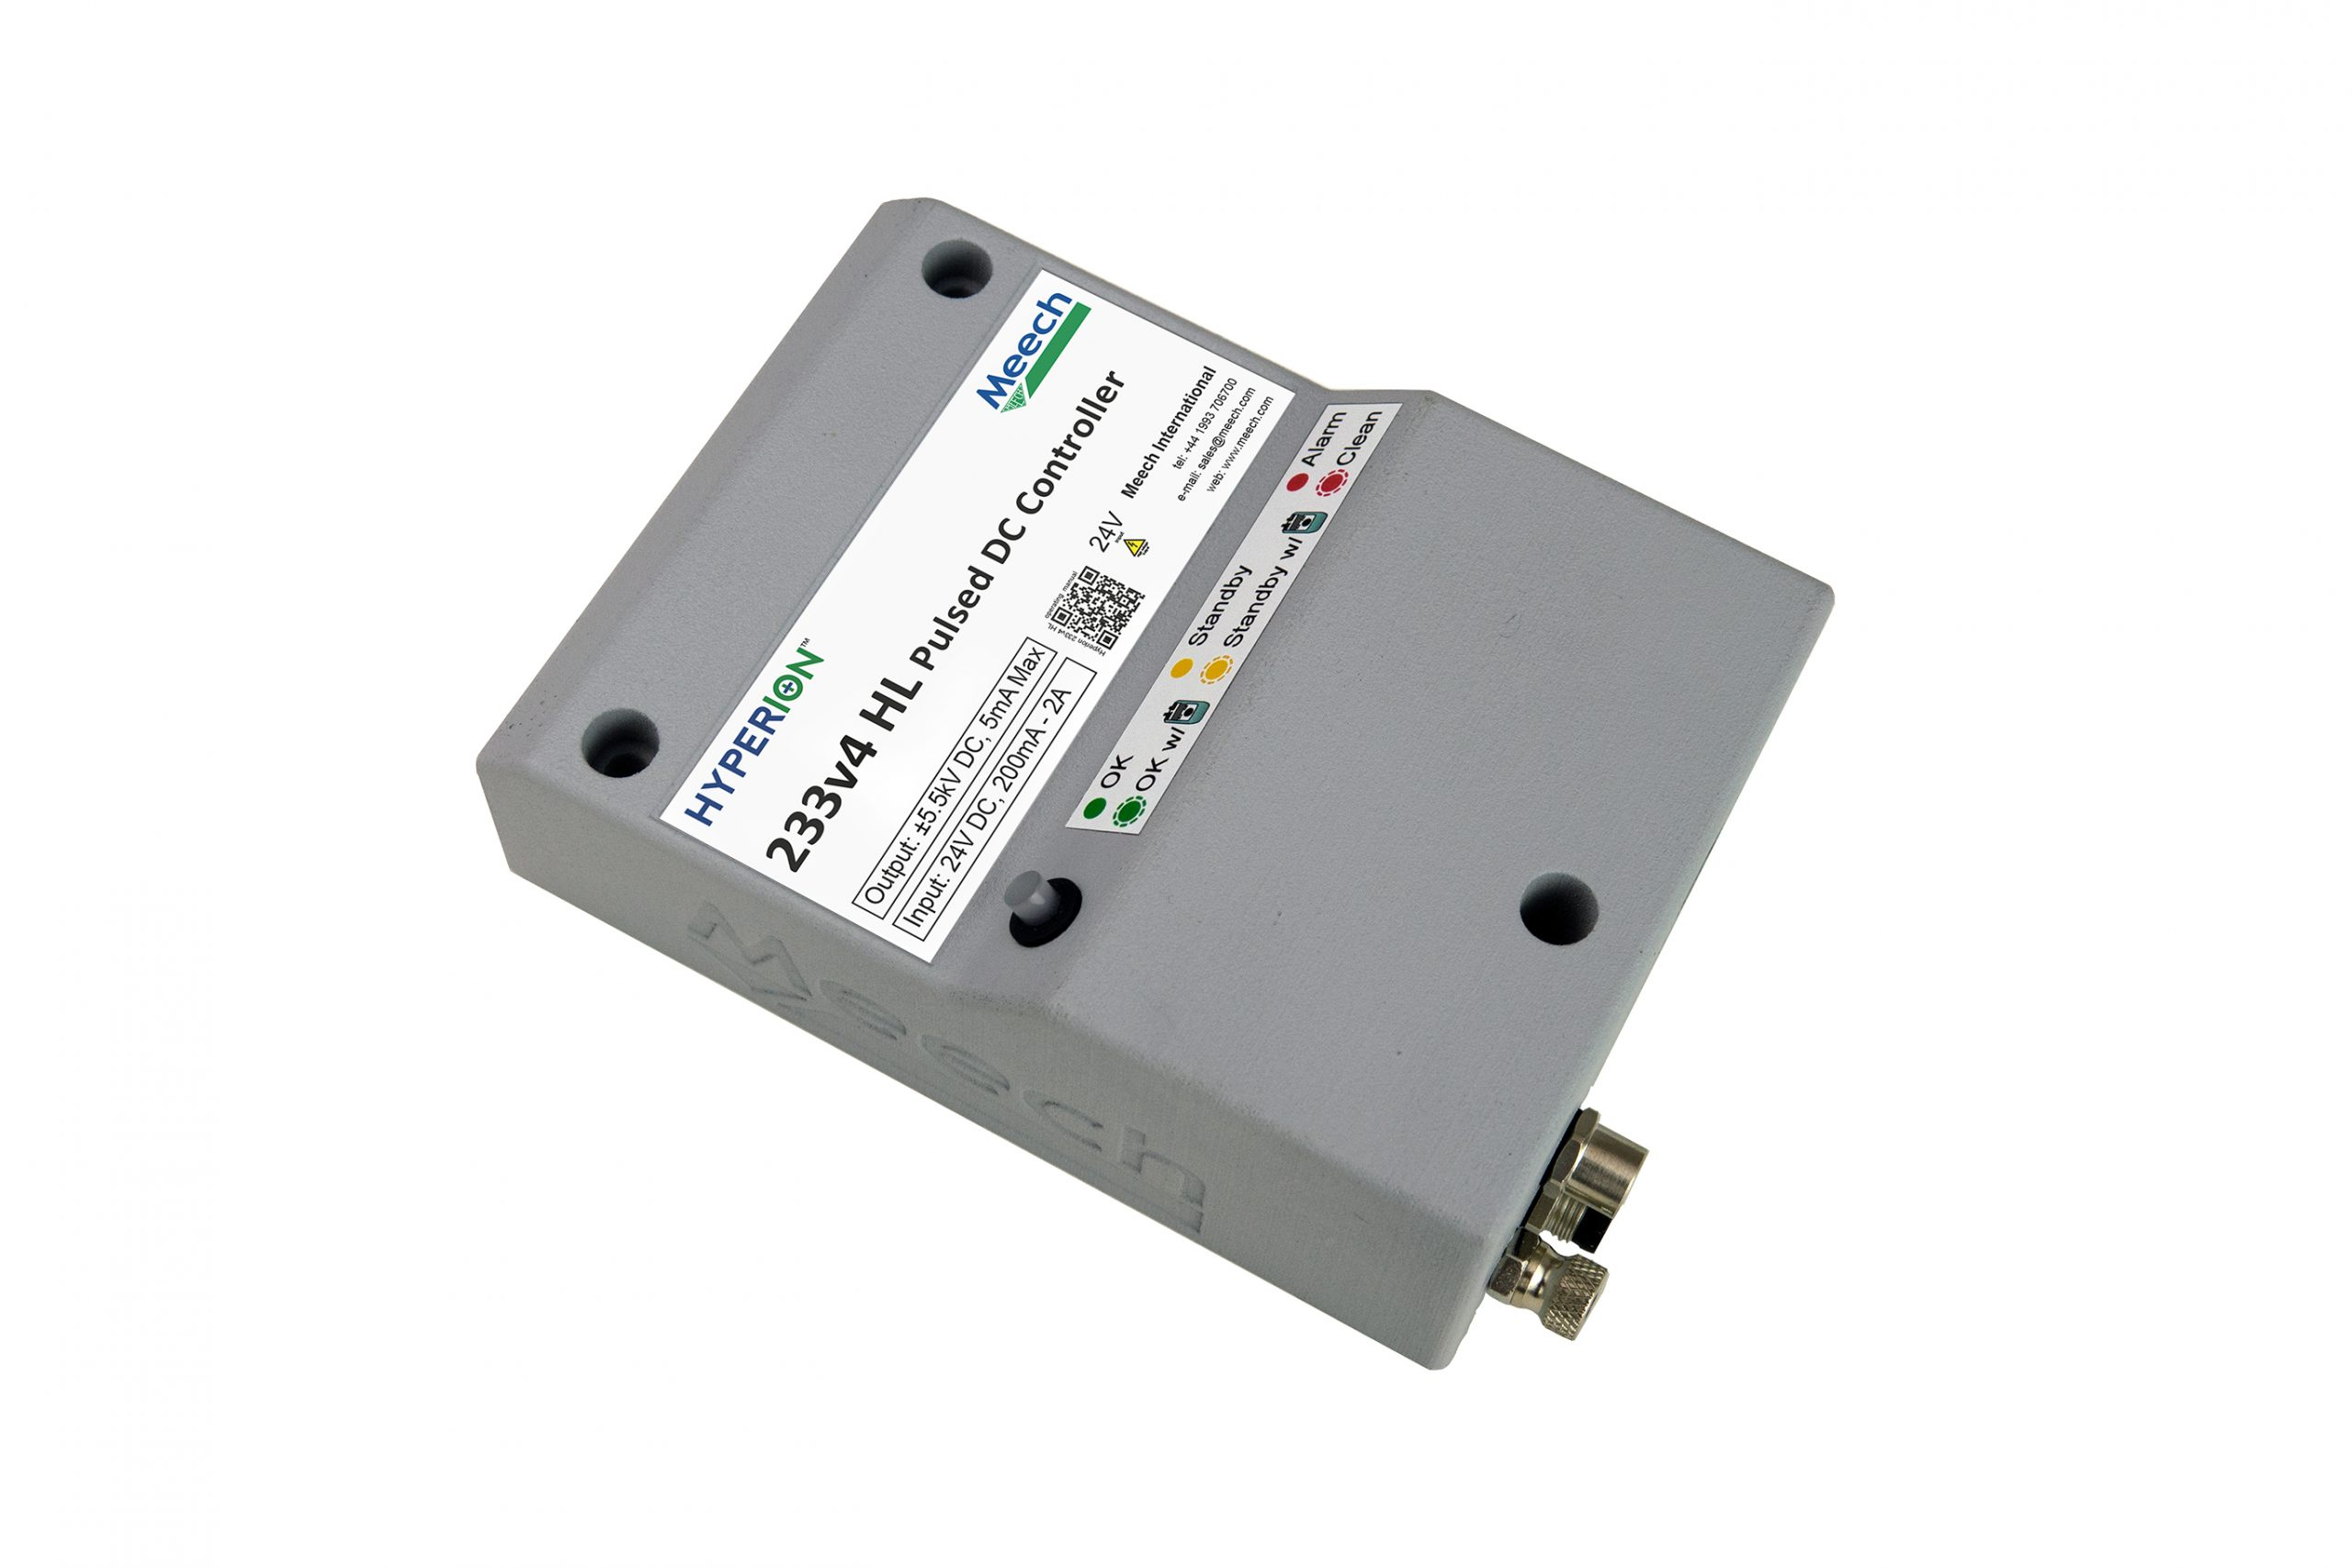 Hyperion 233v4 HL Pulsed DC Controller